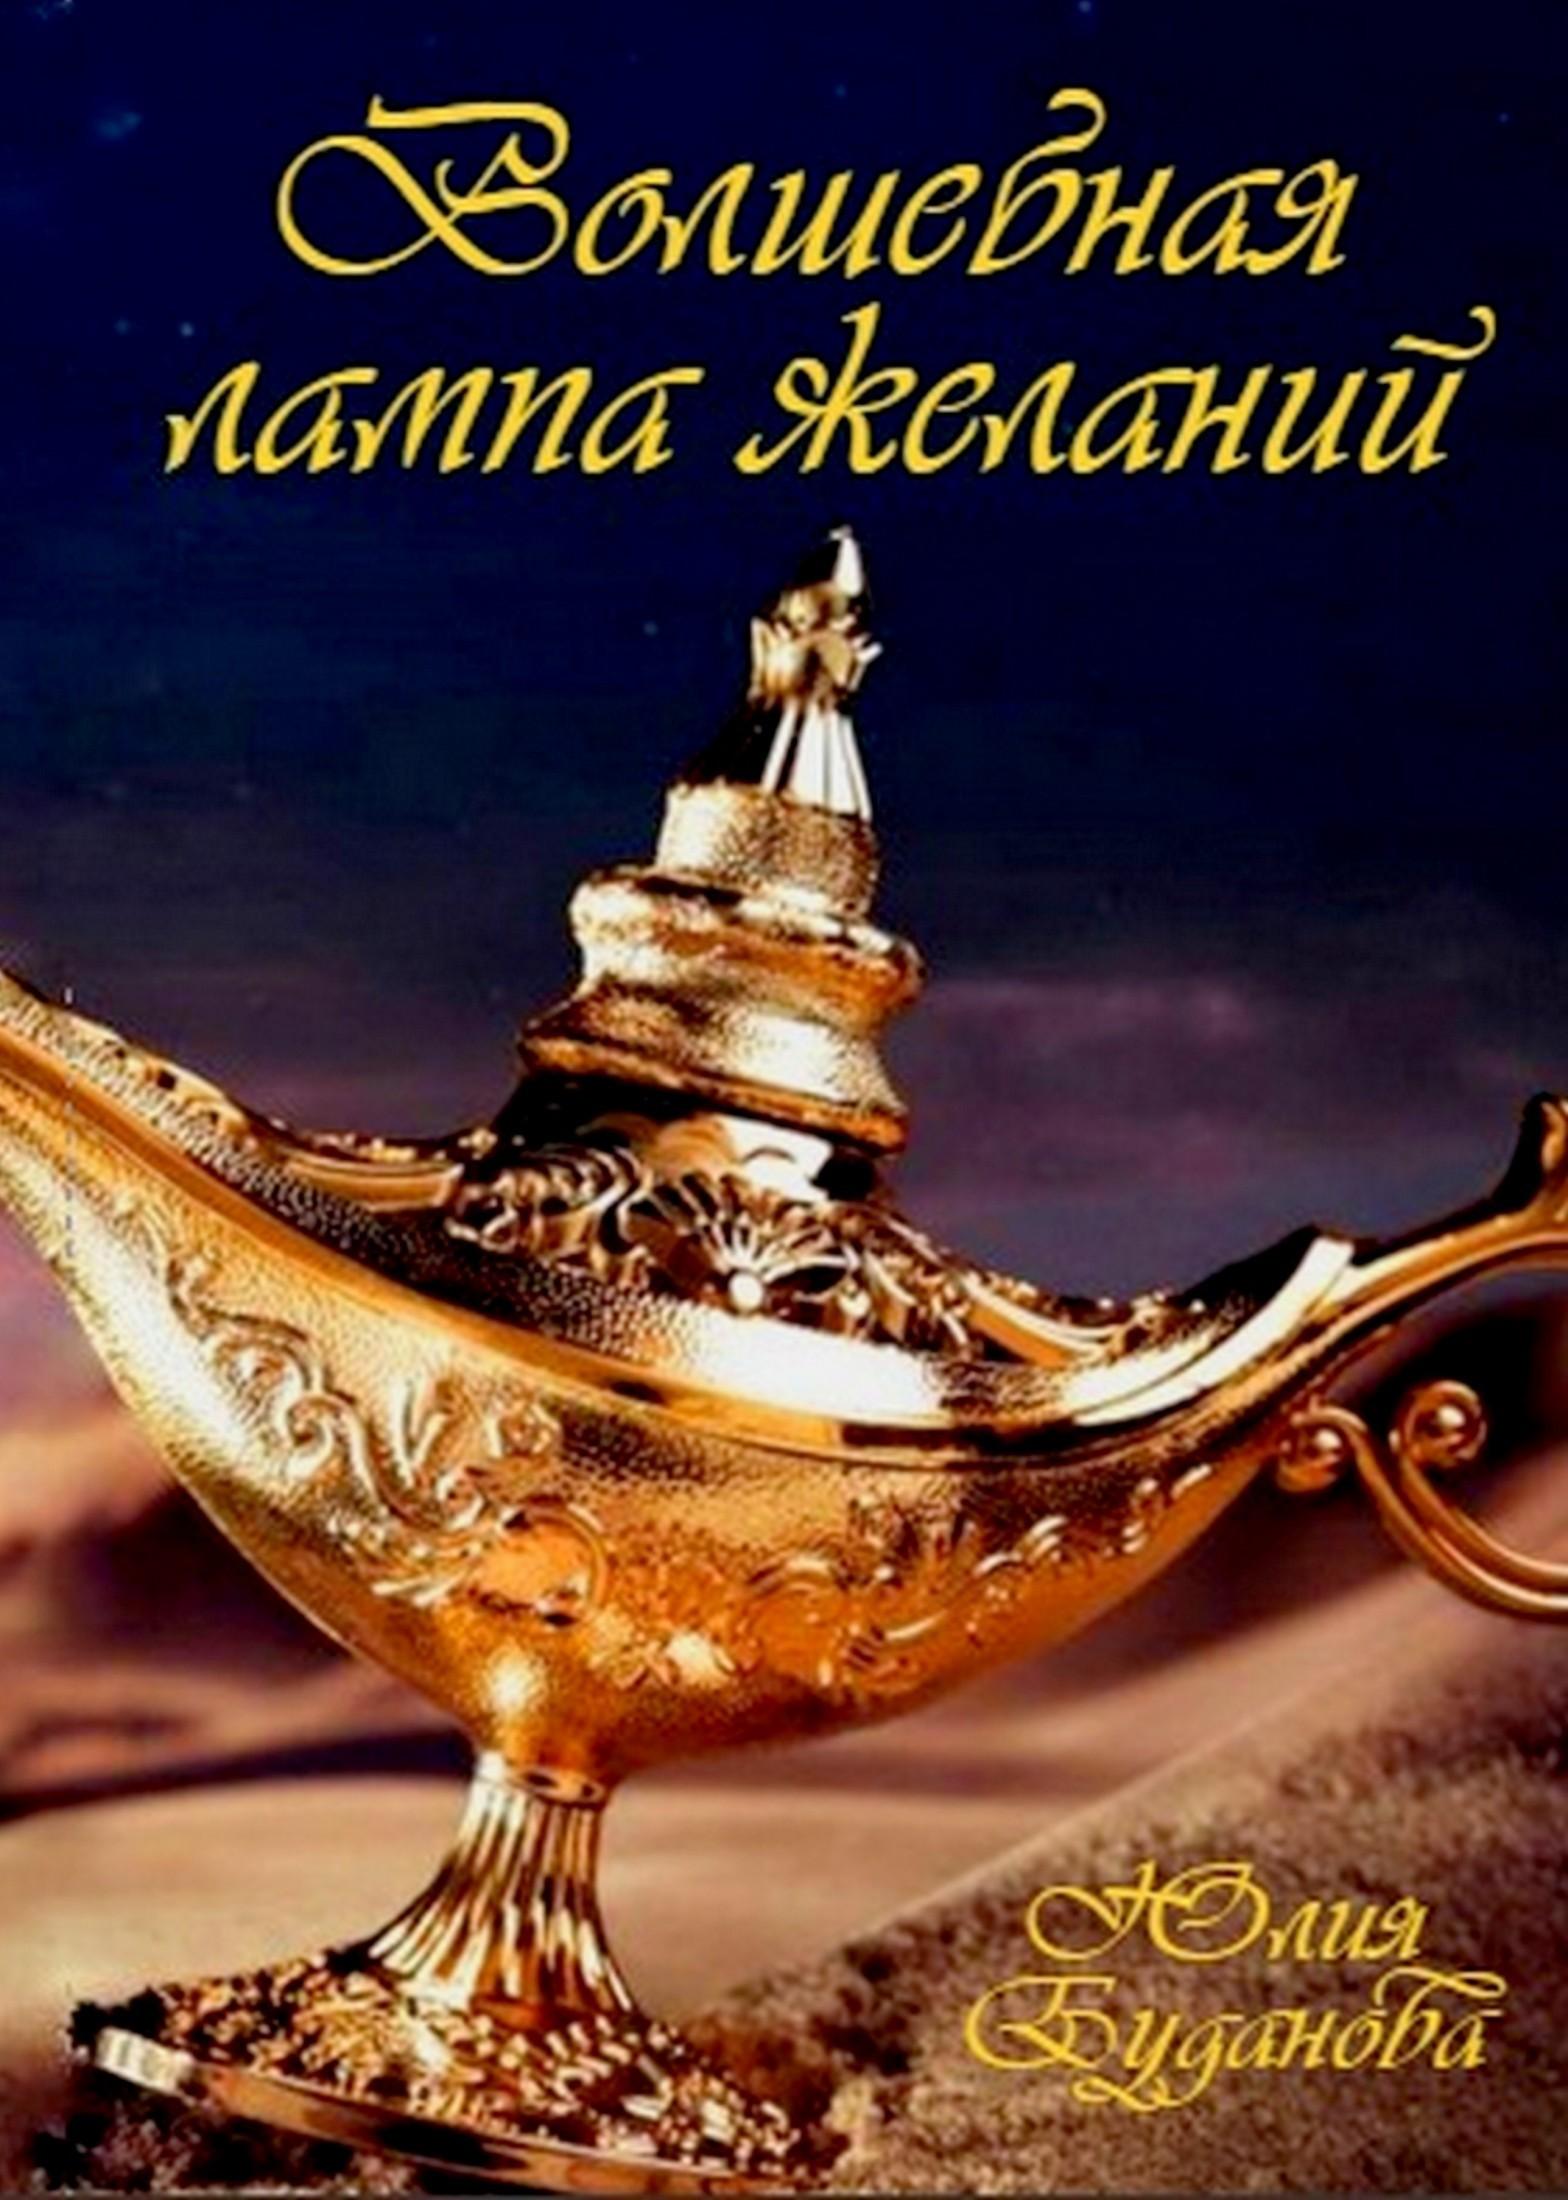 Юлия Александровна Буданова Волшебная Лампа Желаний сувенир мкт оберег для кошелька волшебная лампа алладина